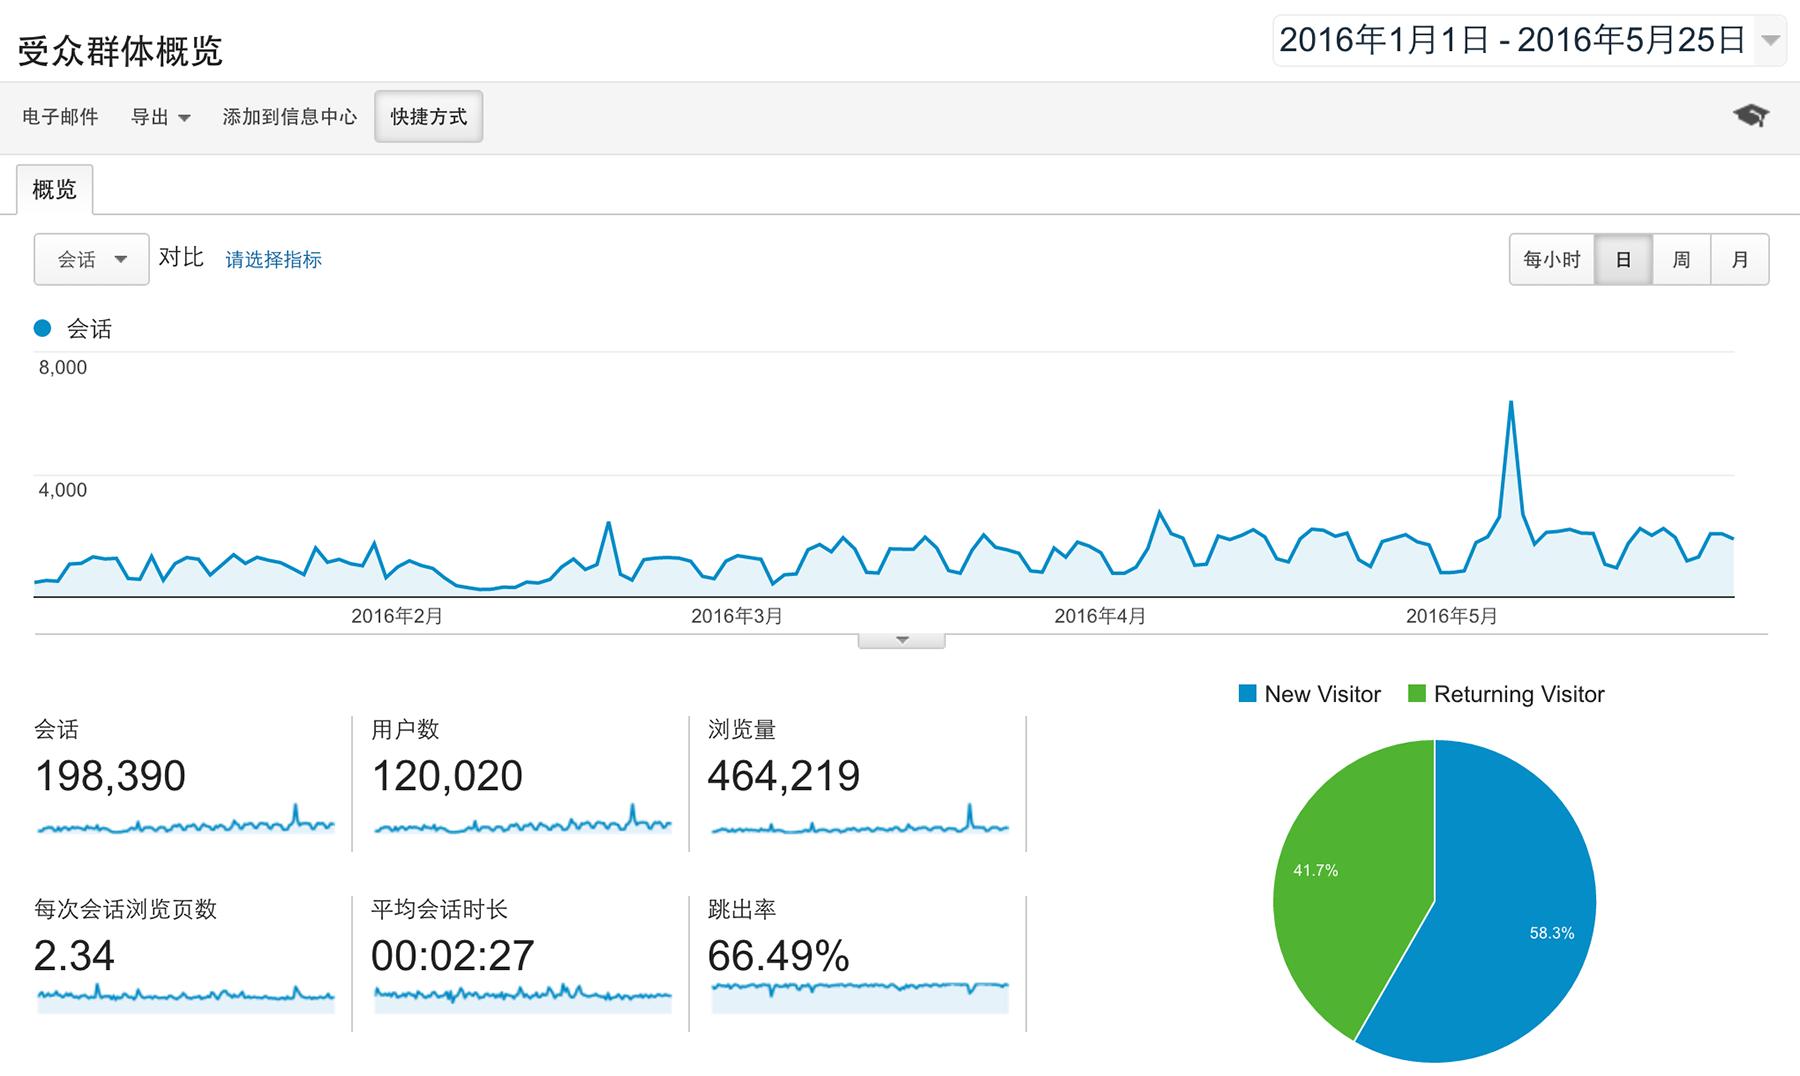 博客统计报告(2016 上半年)